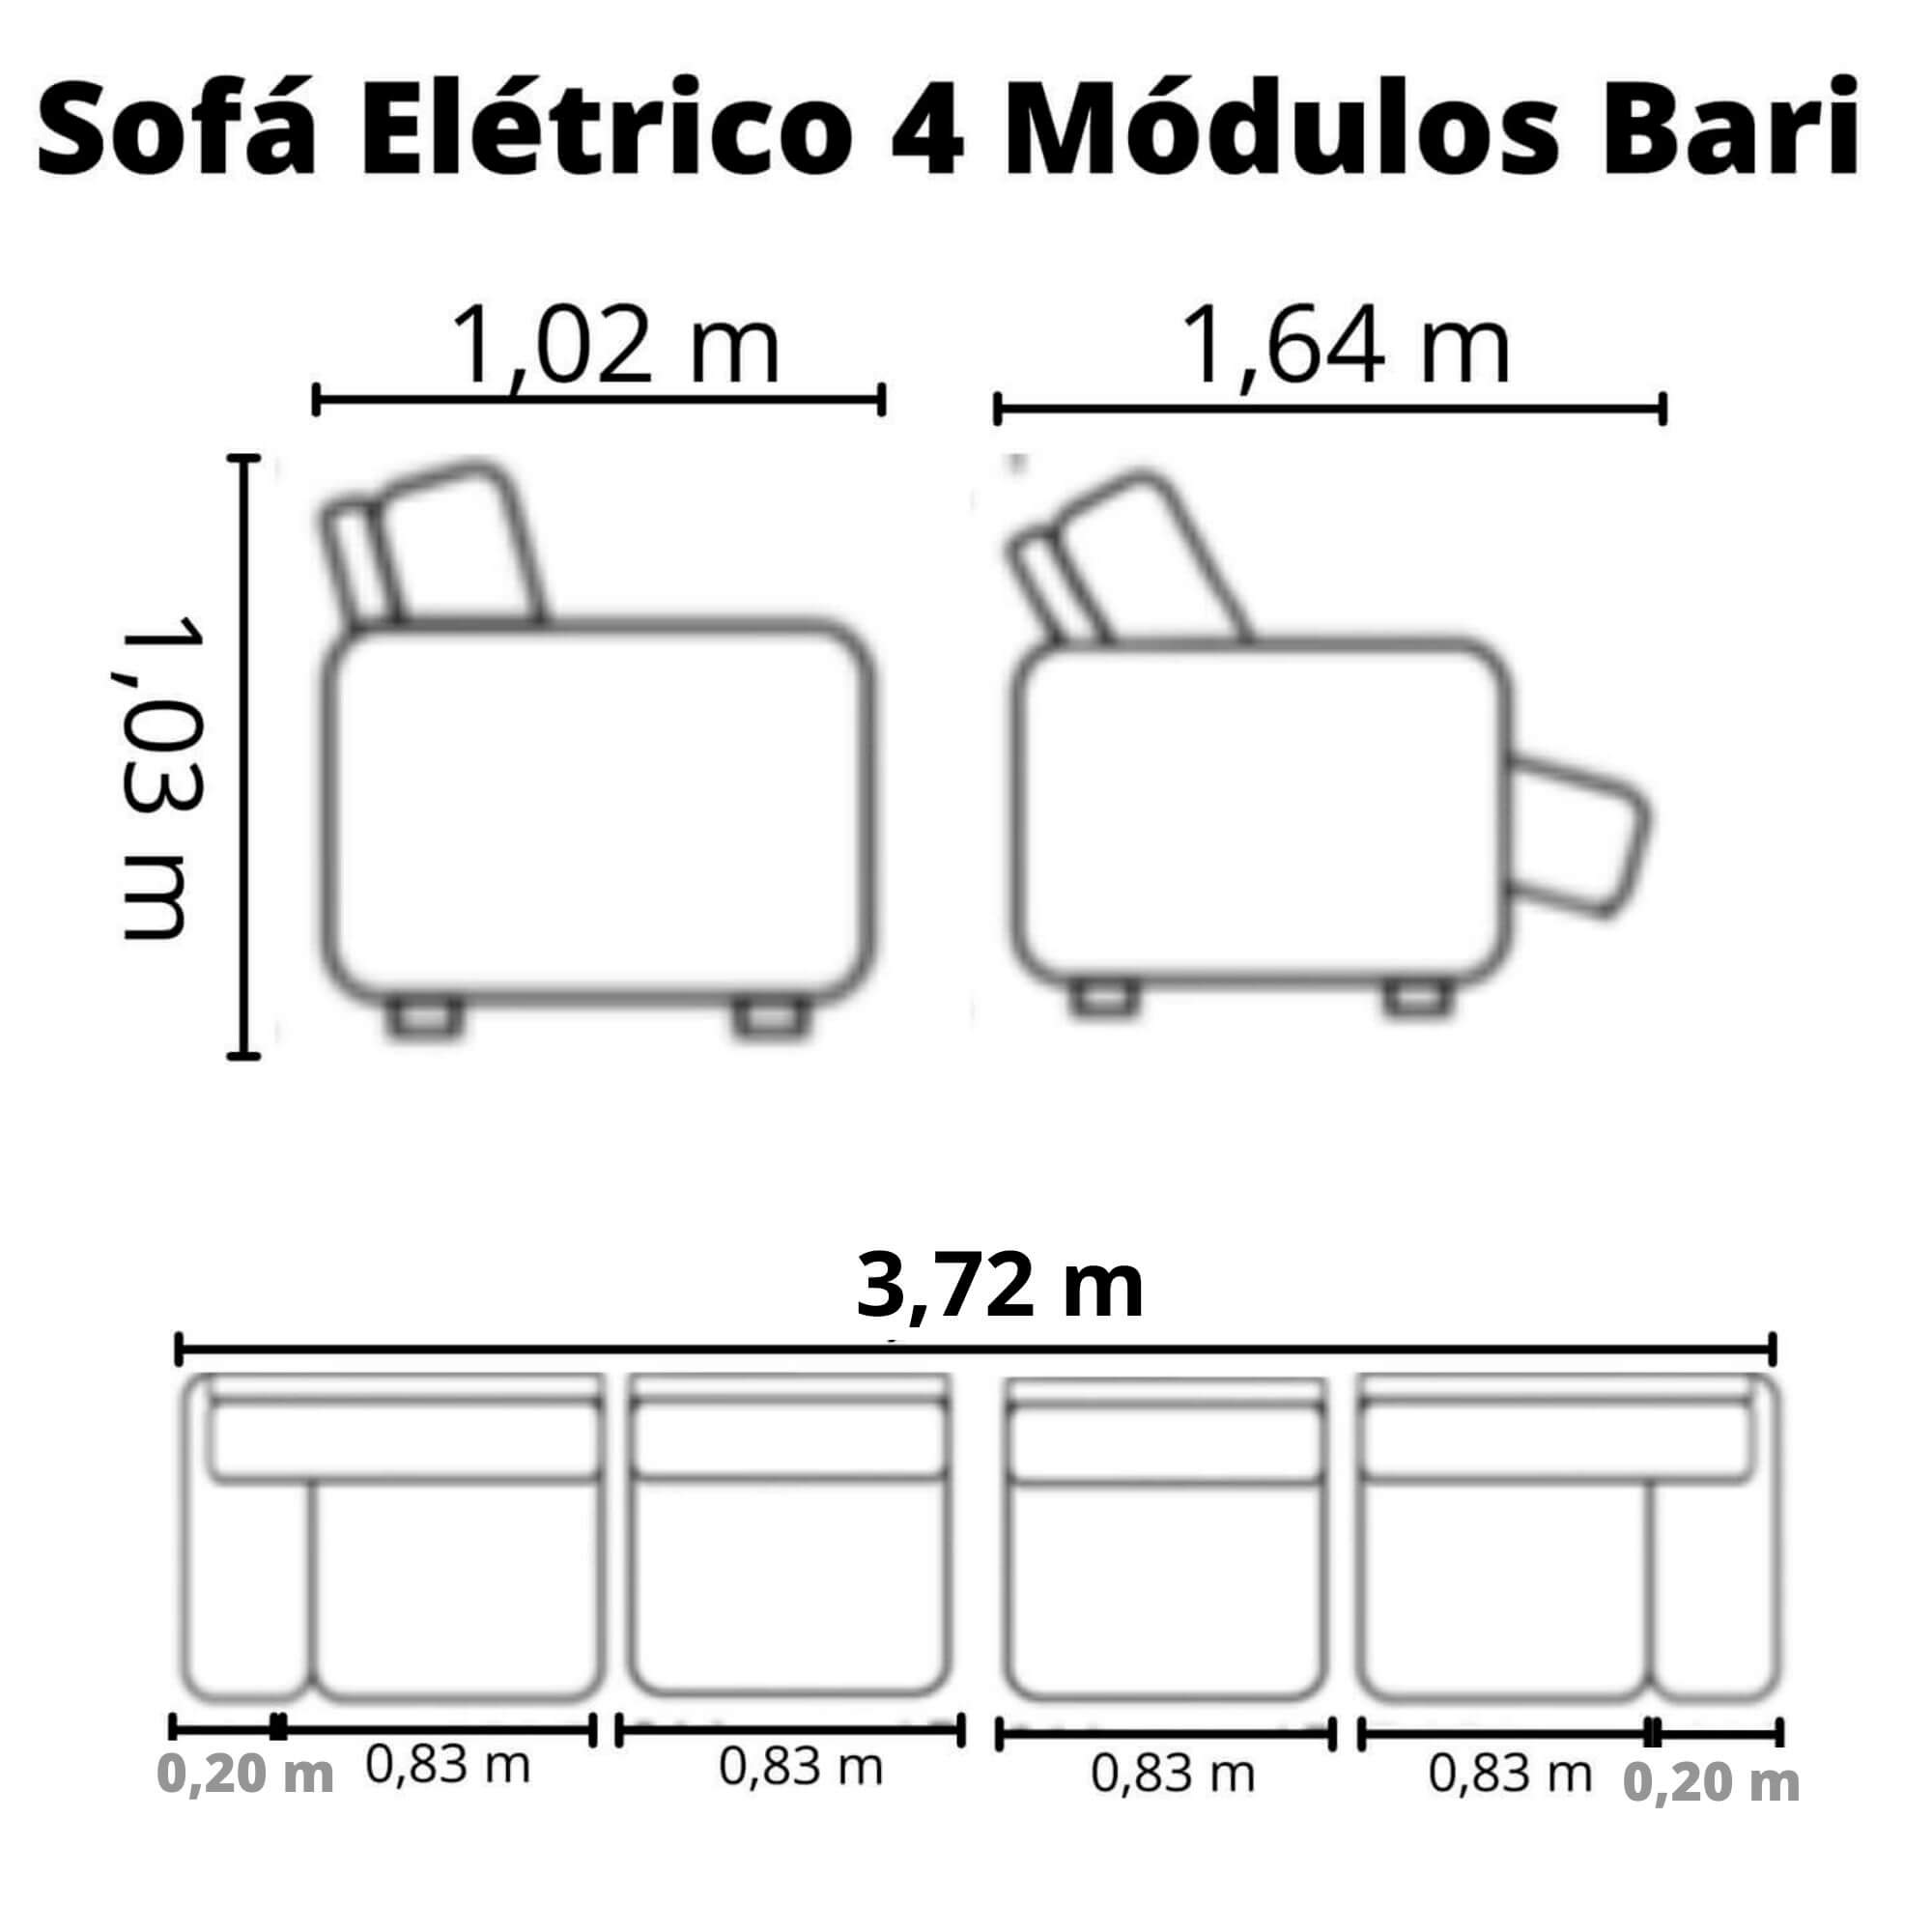 Sofá Retrátil Elétrico de Couro 372cm - Bari Off White com Costura Cinza